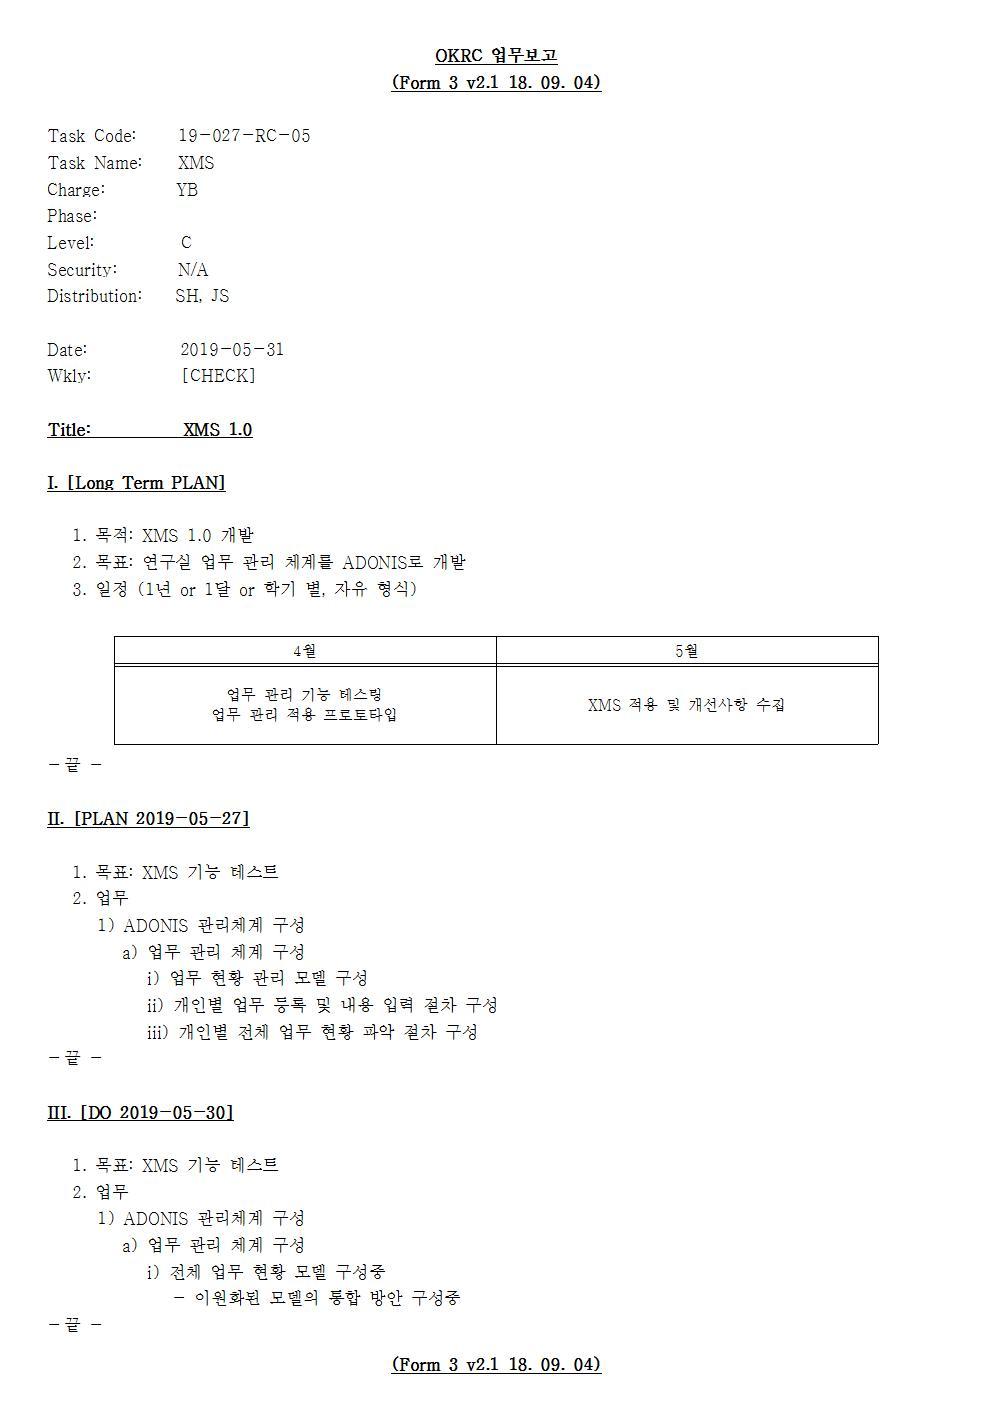 D-[19-027-RC-05]-[XMS]-[2019-05-31][YB]-[19-5-5]-[P+D+C]001.jpg